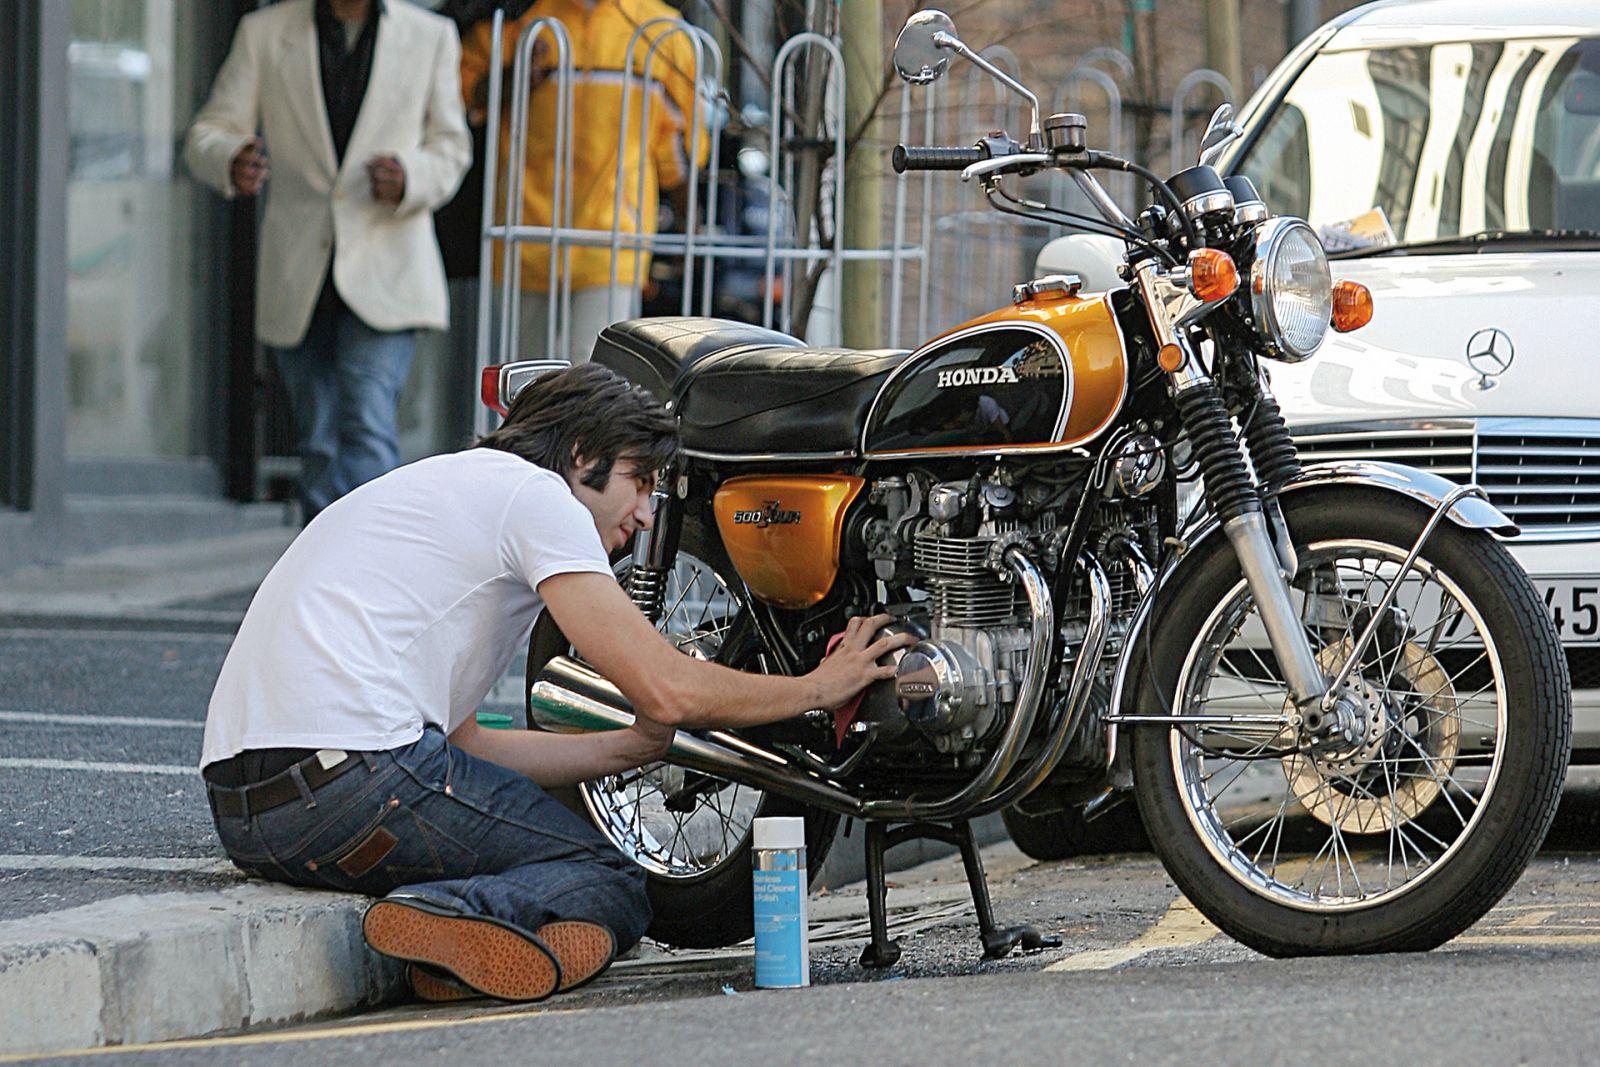 Ilustrasi merawat motor. Foto: Cycle World